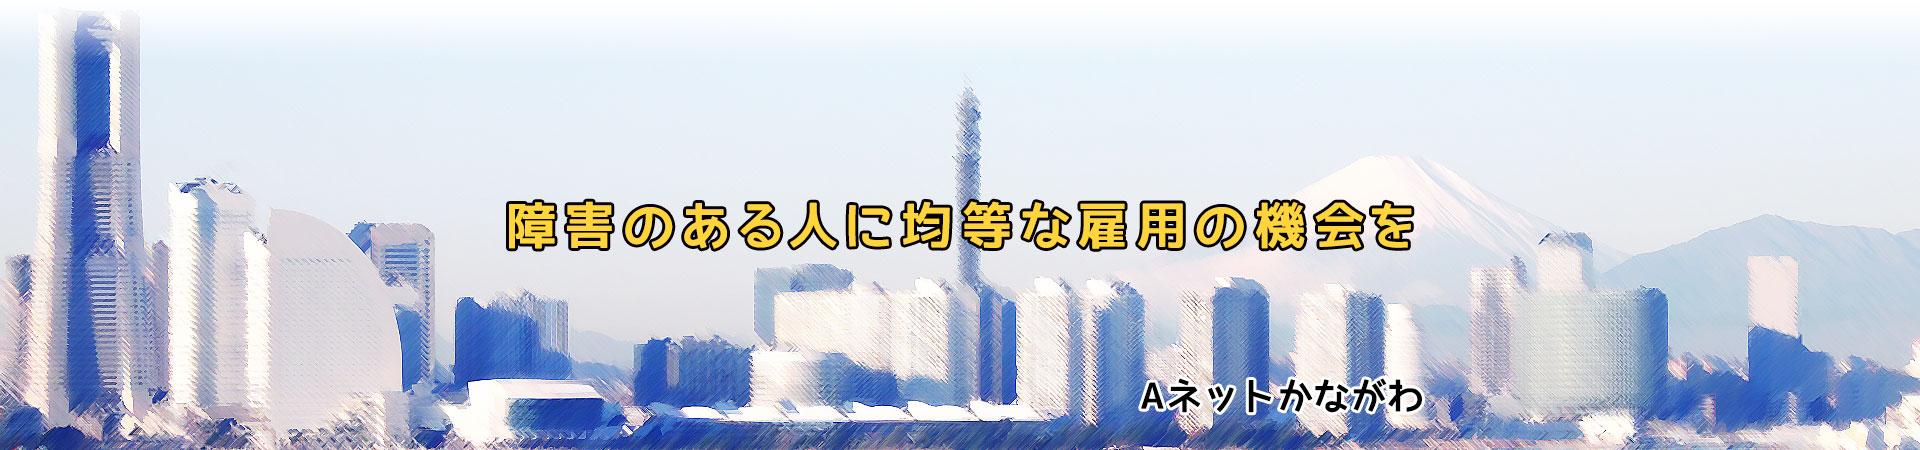 神奈川県A型事業所連絡会HPのメインイメージ